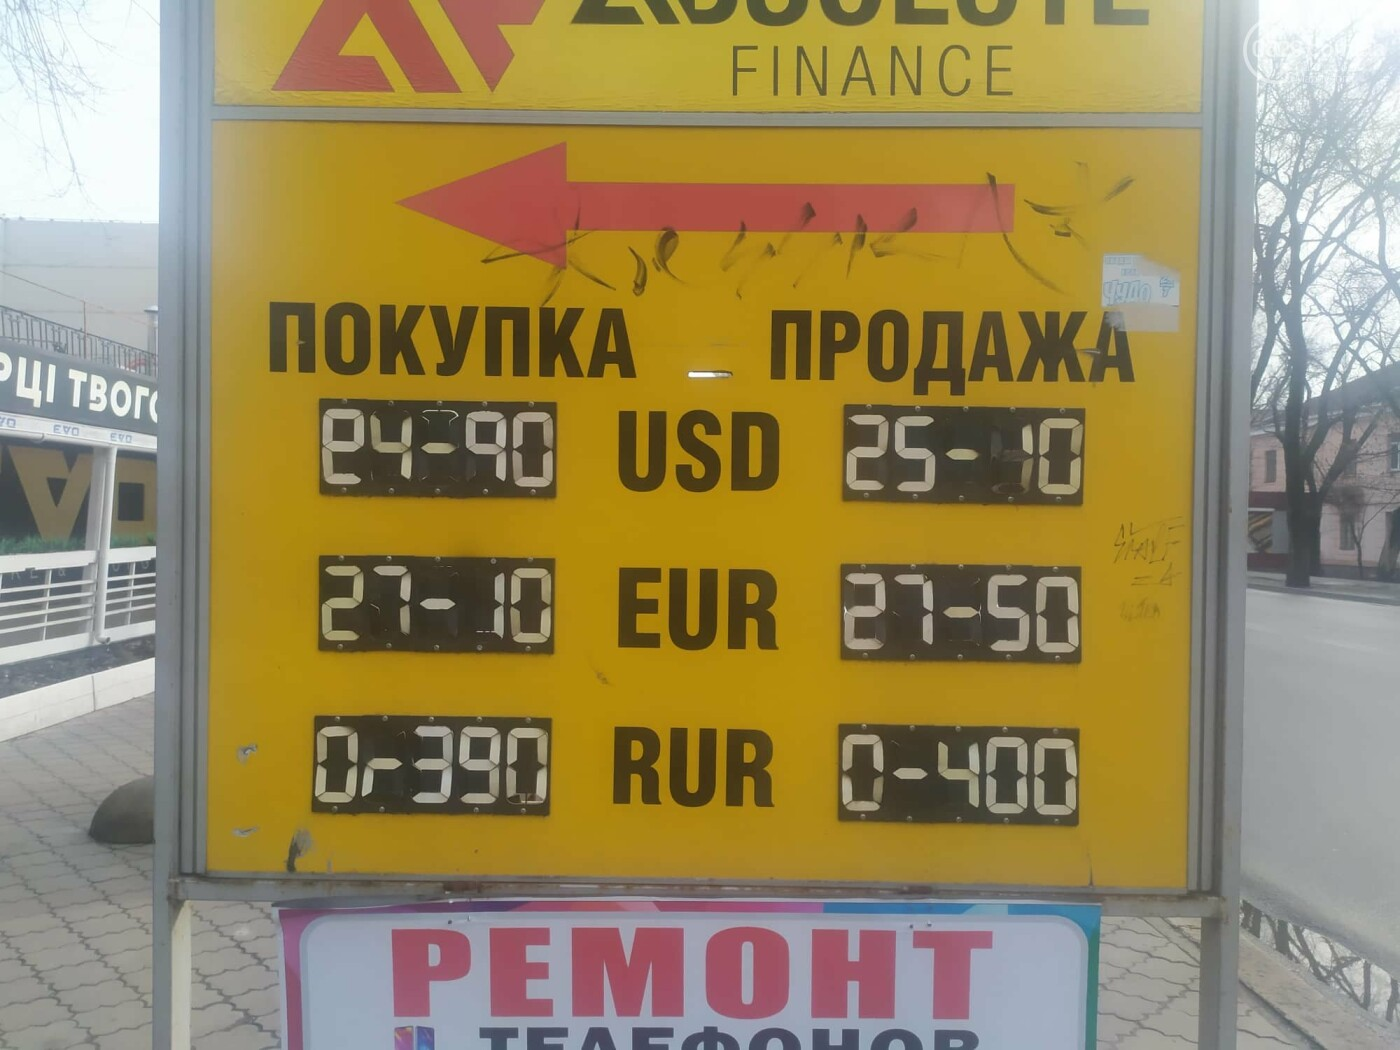 Взять кредит азовская кредитная компания мариуполь где взять авто кредит